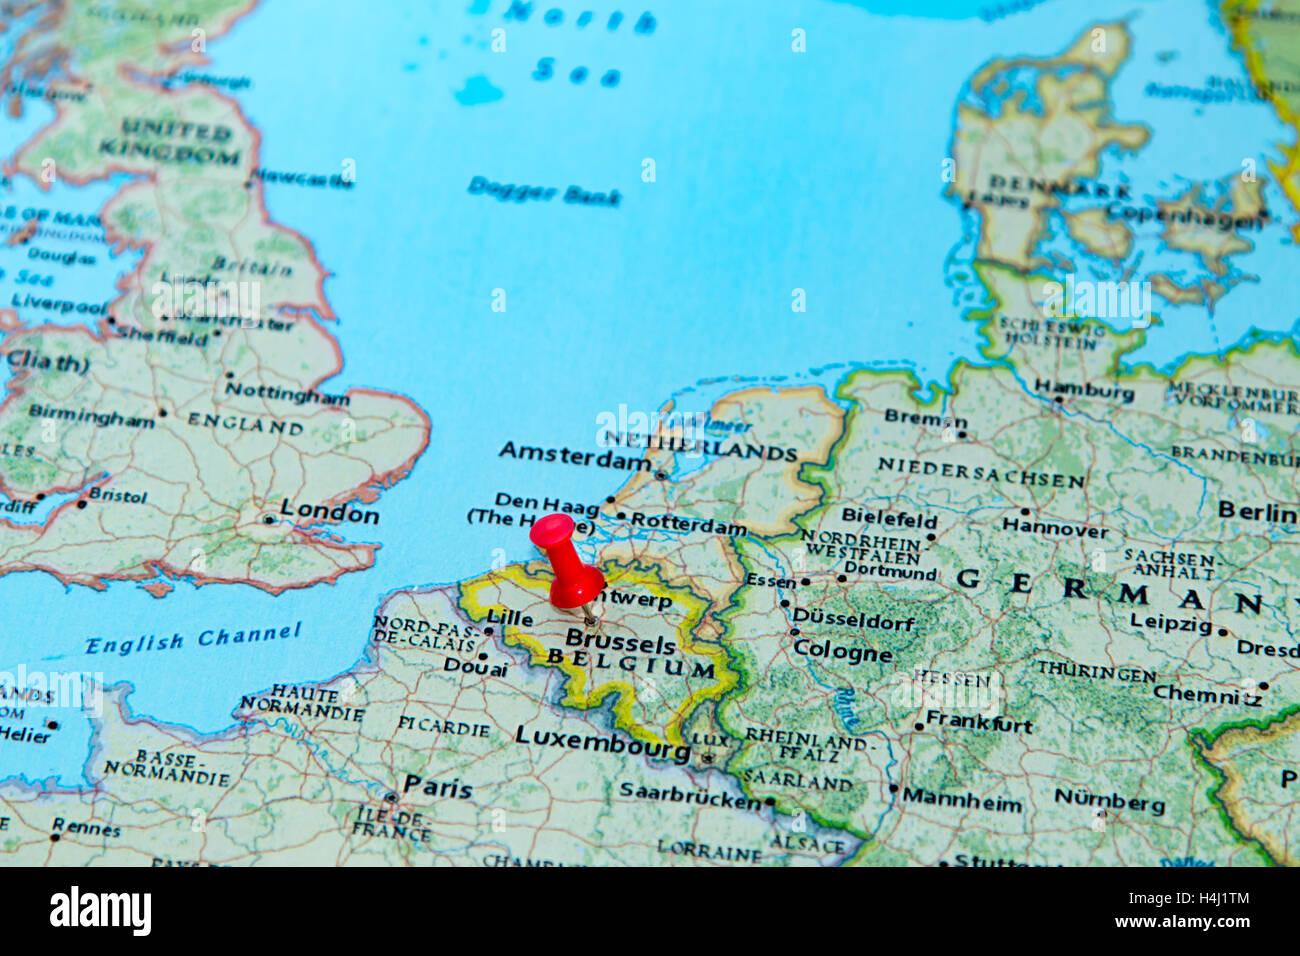 Bruselas Belgica Anclado En Un Mapa De Europa Foto Imagen De